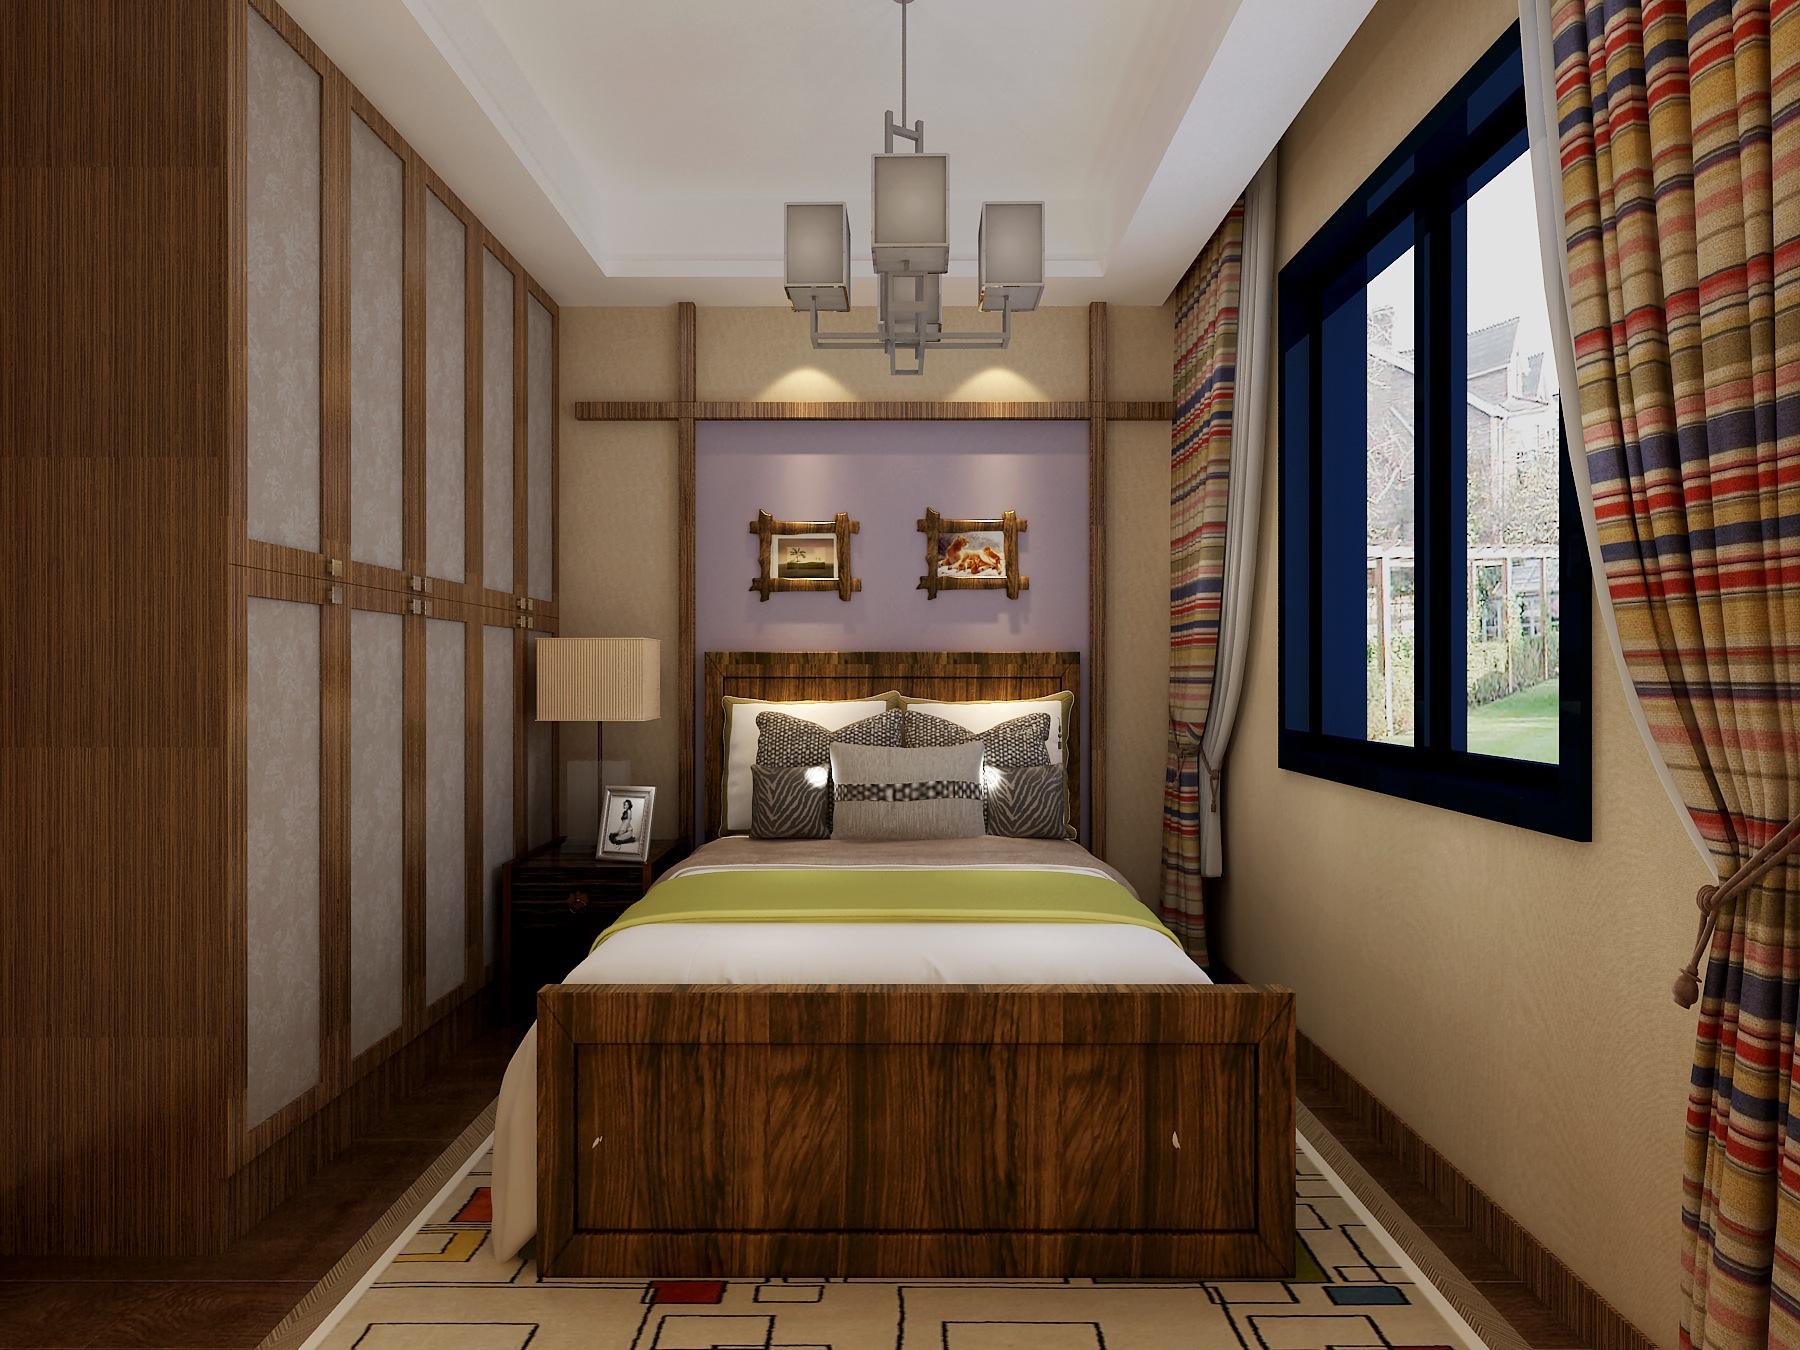 三居 别墅 卧室图片来自武汉生活家在新中式风格的分享